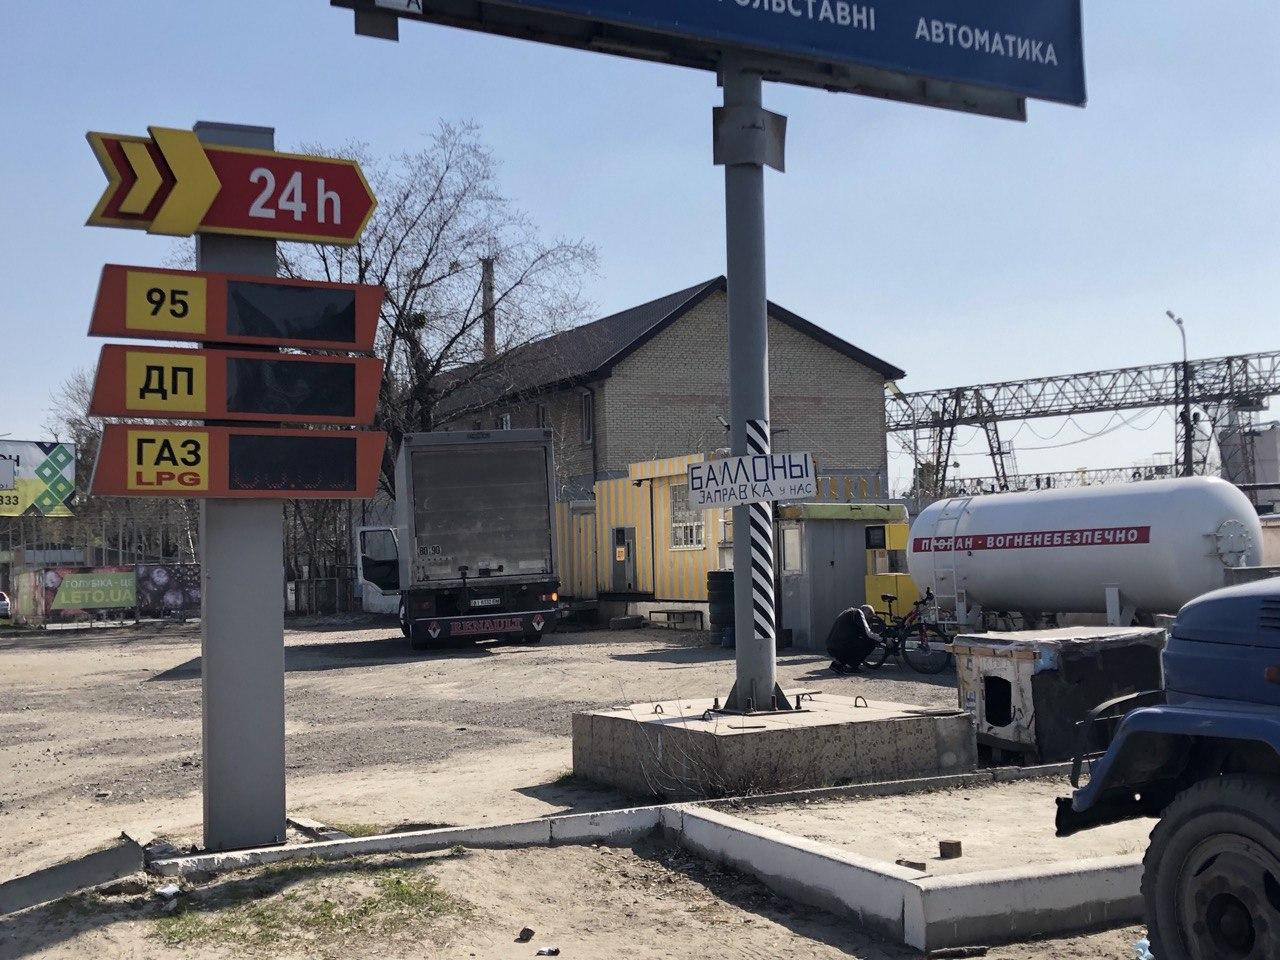 Показушная война закончилась: в Украине стали массово открываться нелегальные АЗС - today.ua